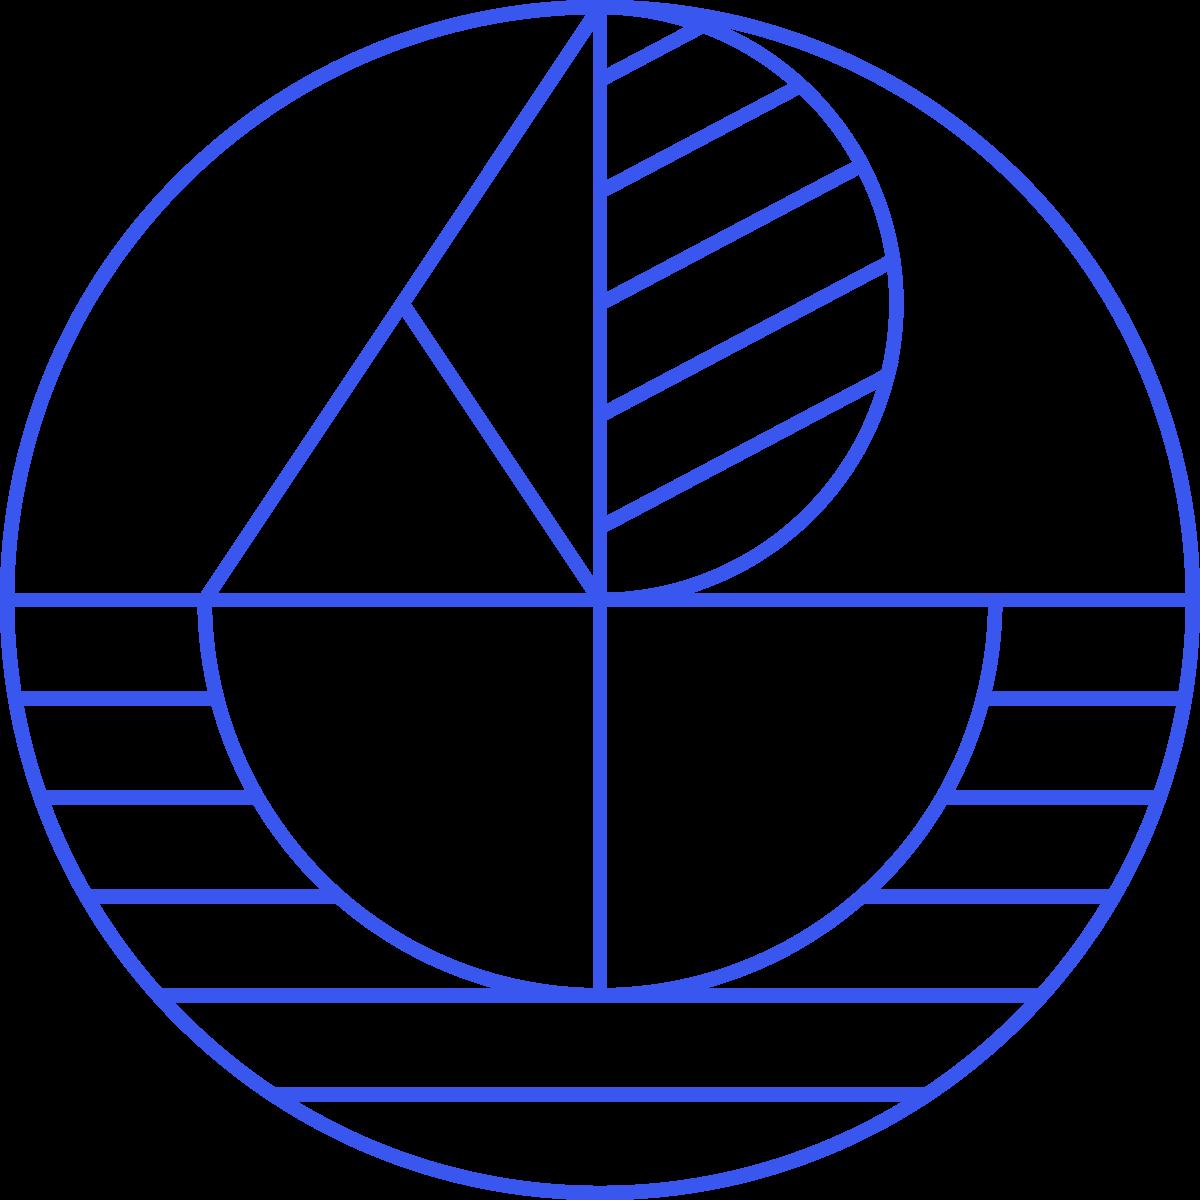 Taffrail logo illustration